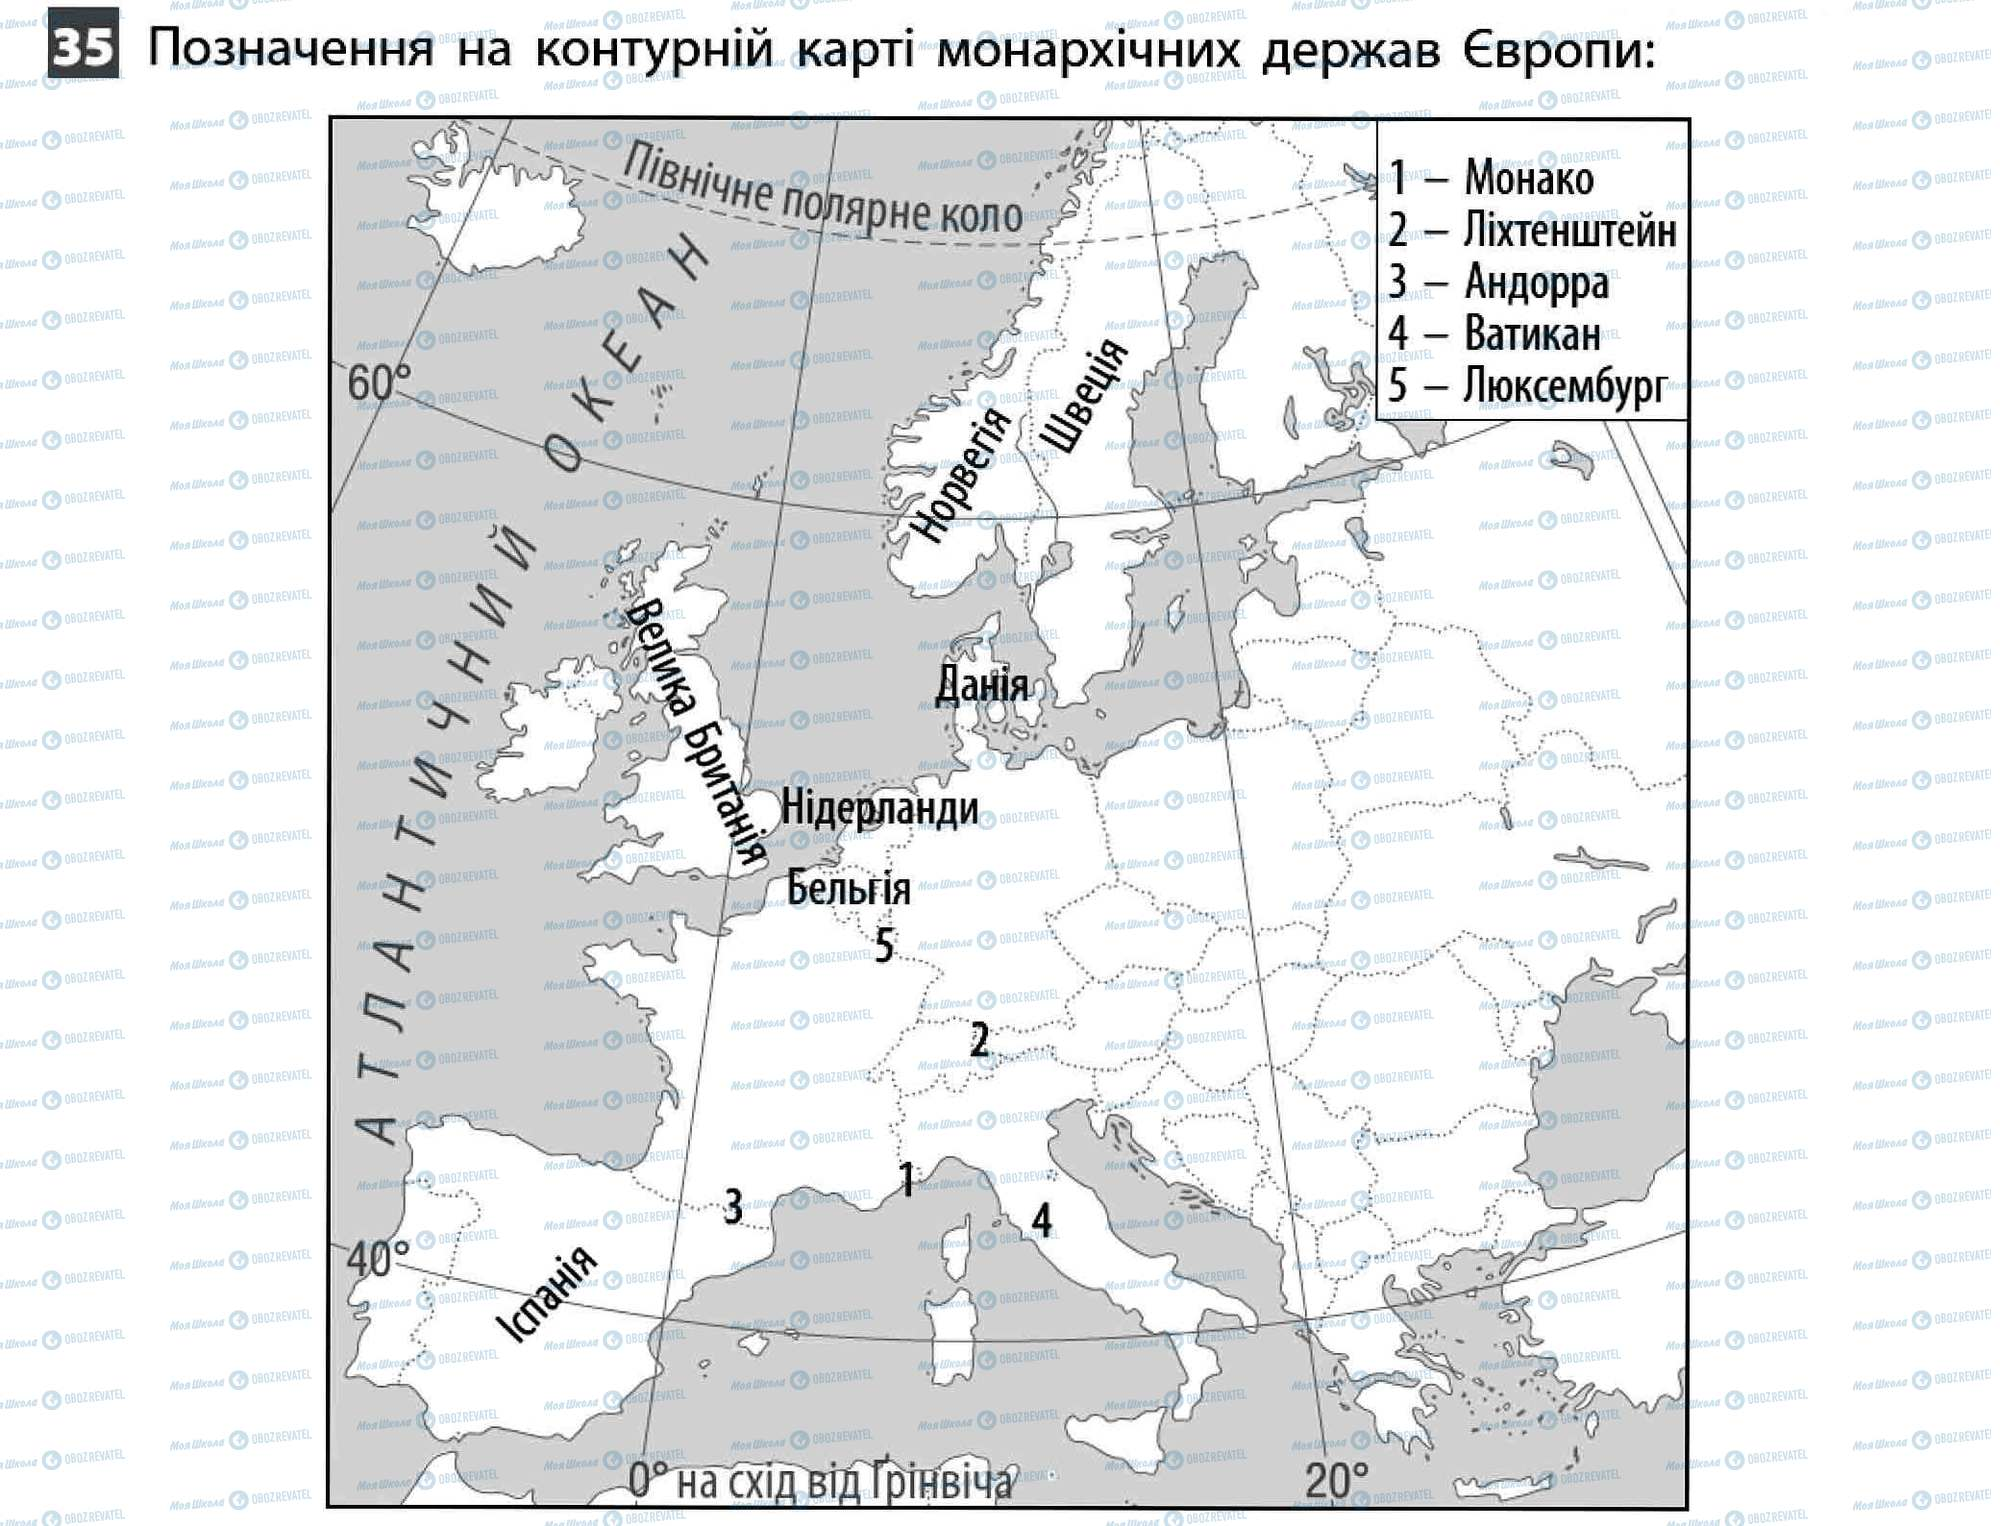 ДПА Географія 11 клас сторінка 35